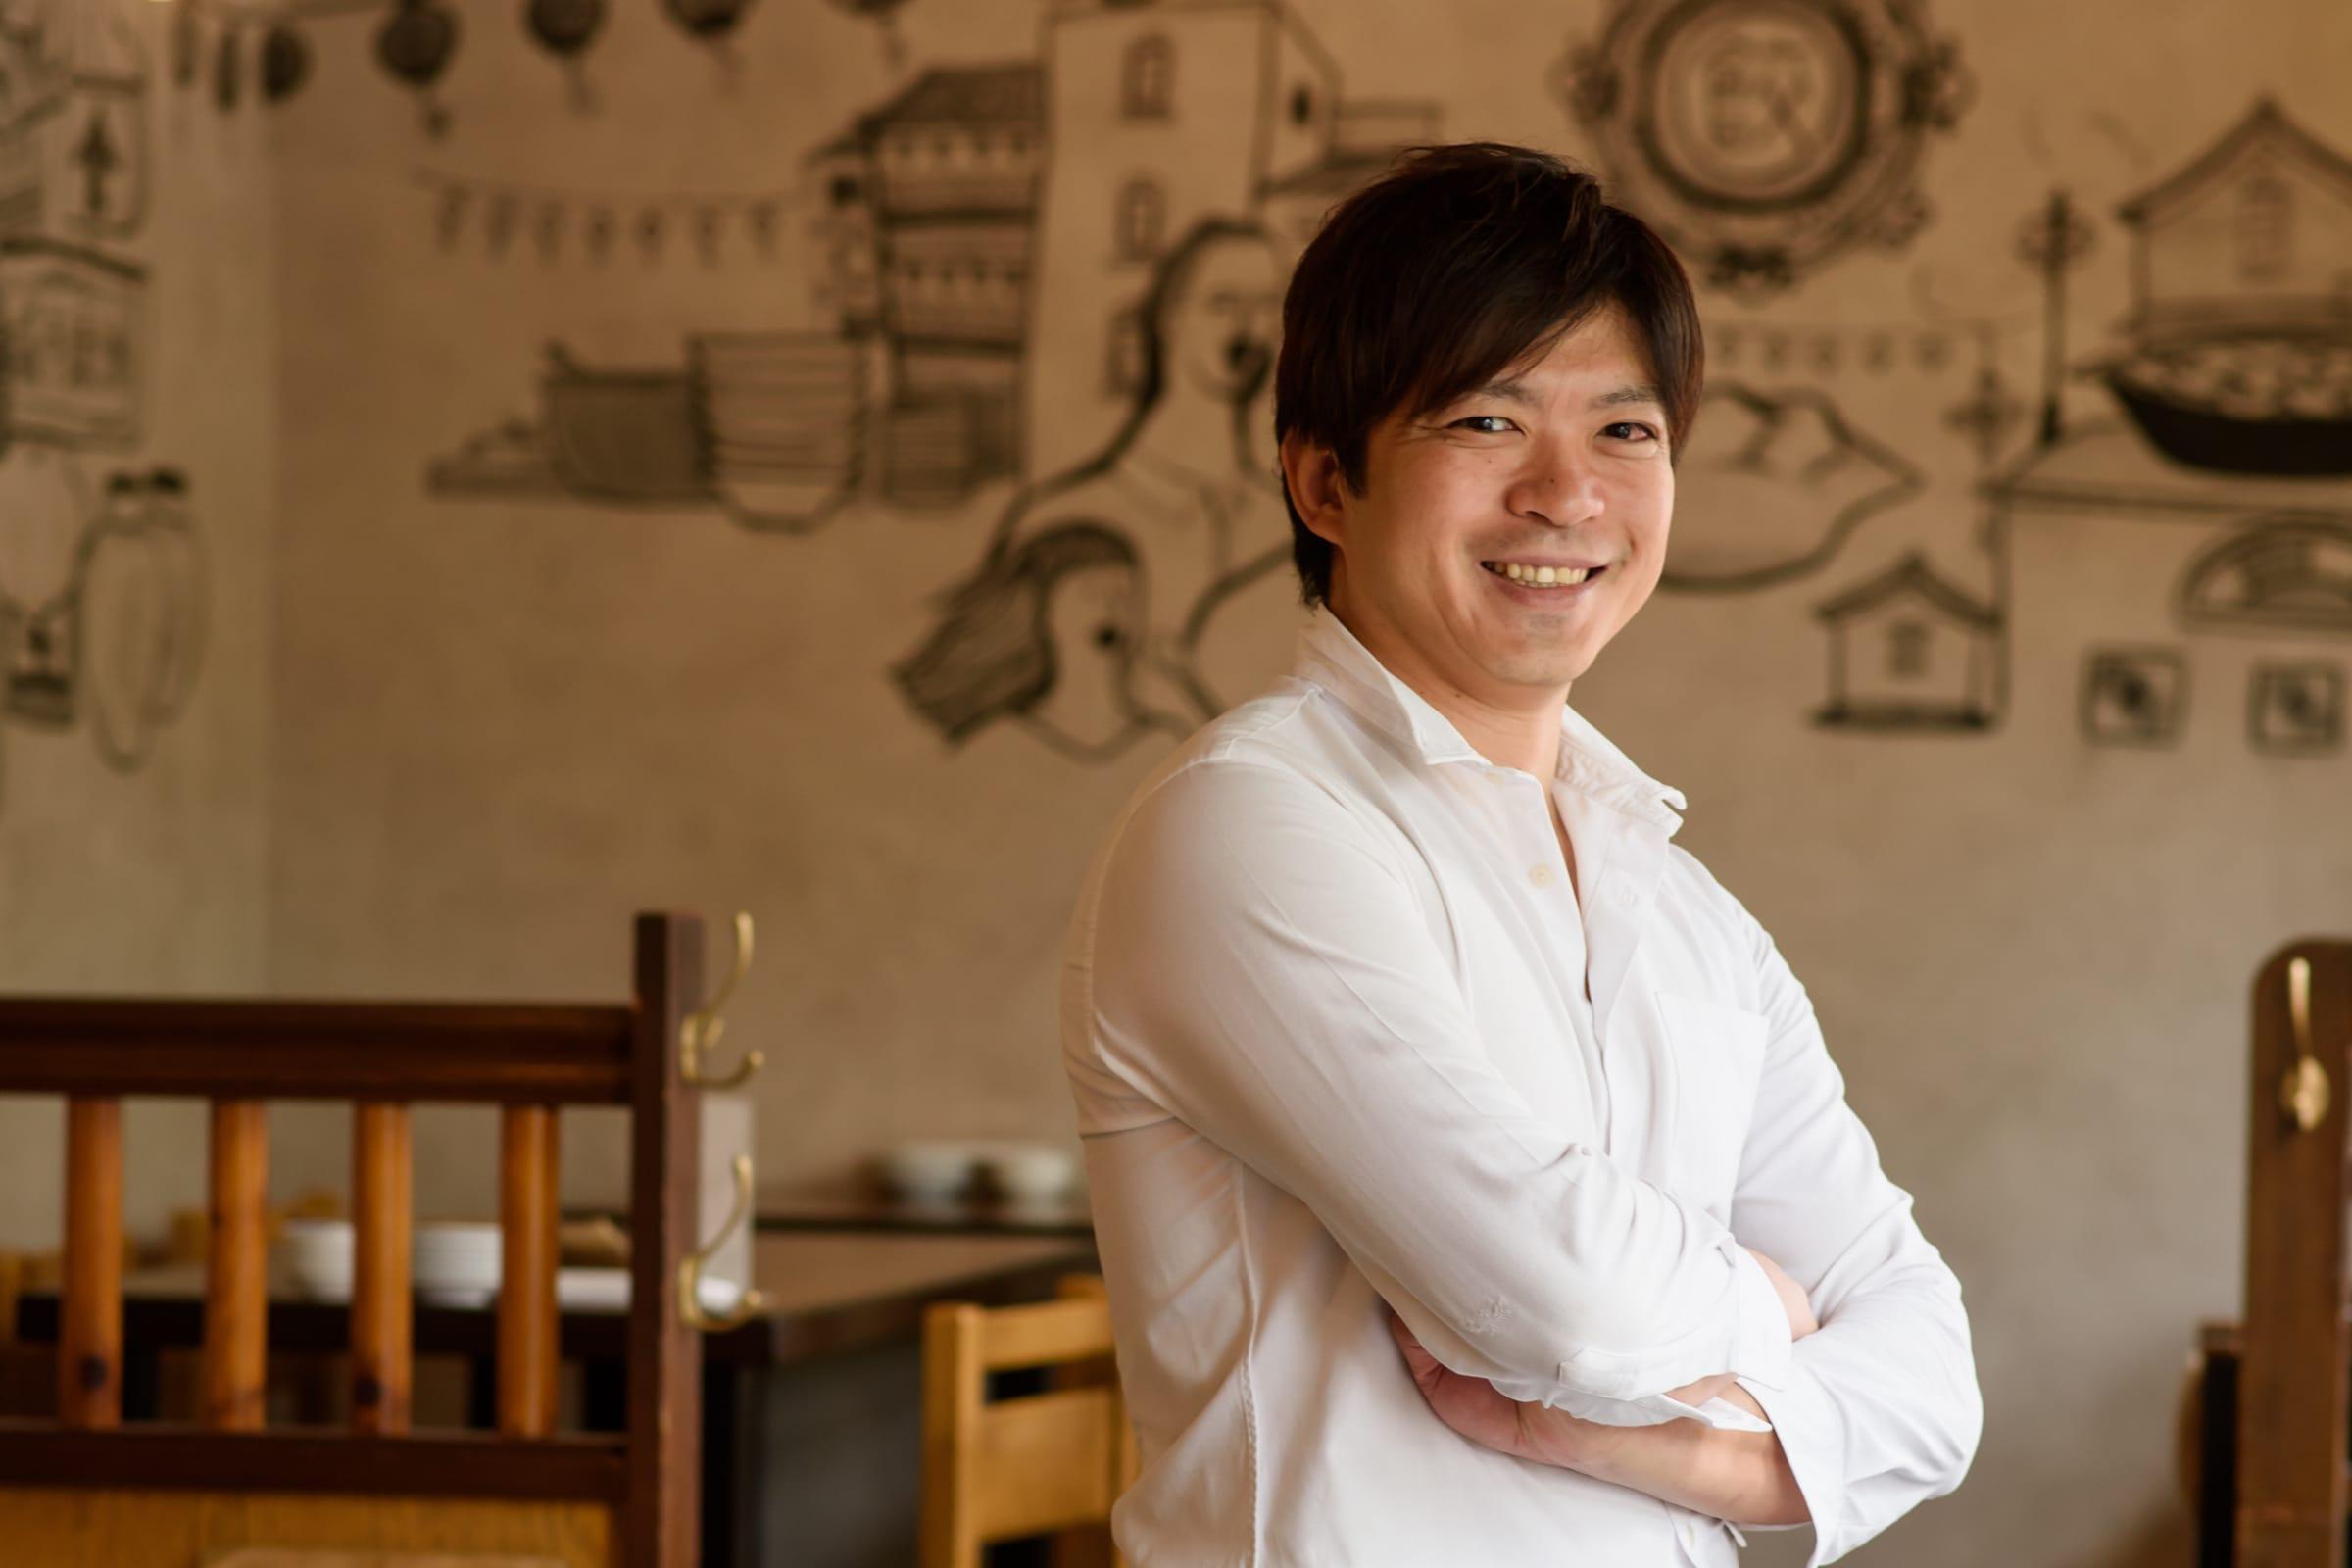 マニアプロデュース代表取締役 天野裕人